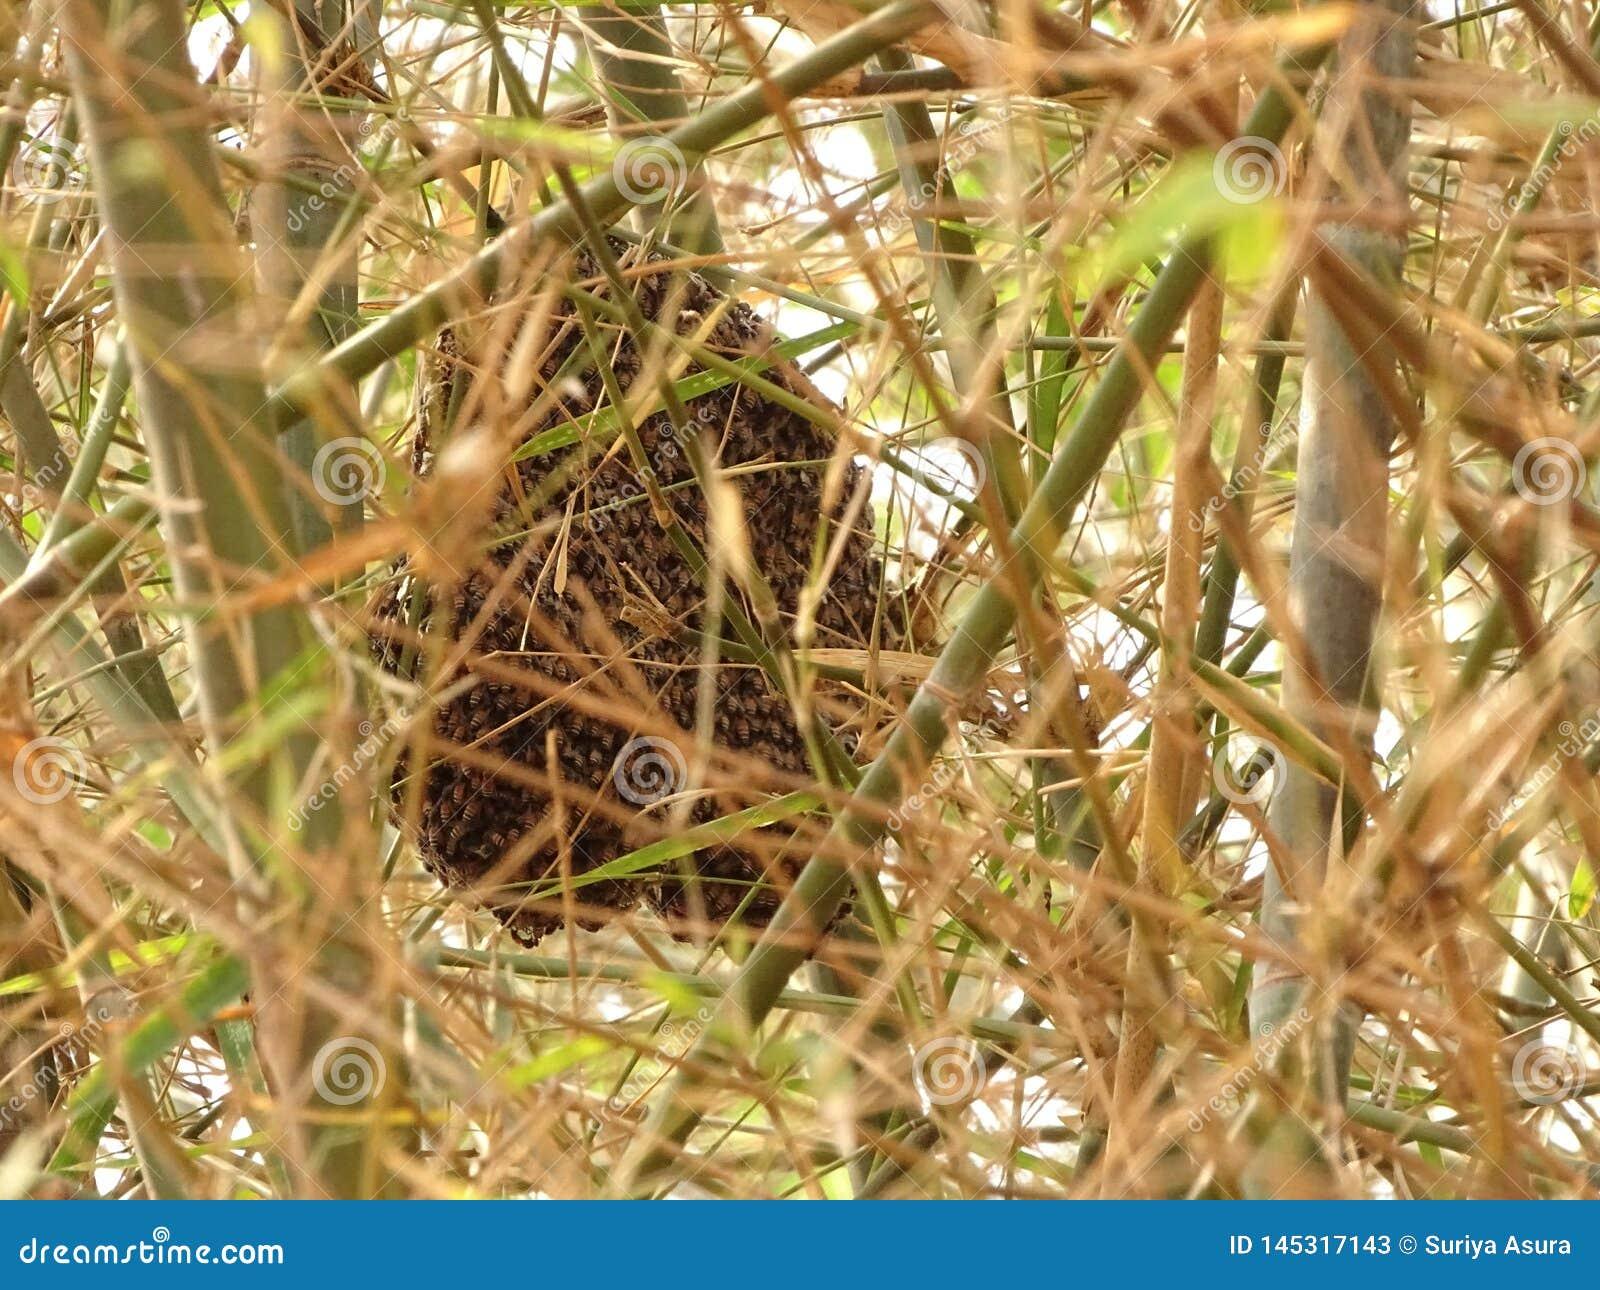 Karłowata miodowa pszczoła robi małym gręplom w gałąź bambusowi drzewa